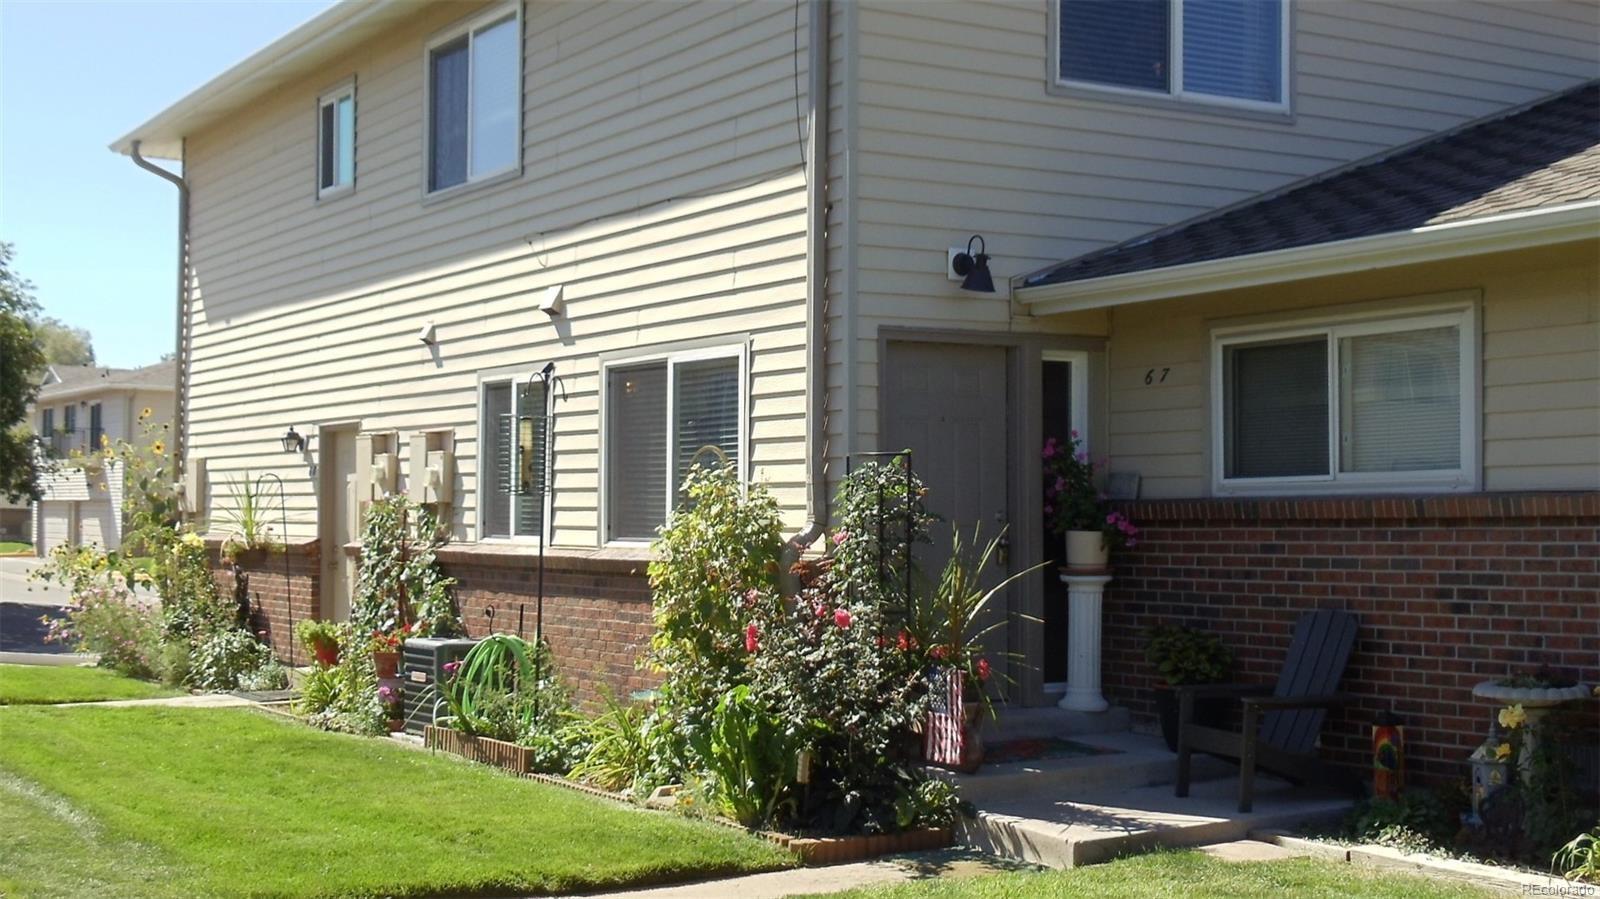 MLS# 1653475 - 1 - 3354 S Flower Street #67, Lakewood, CO 80227